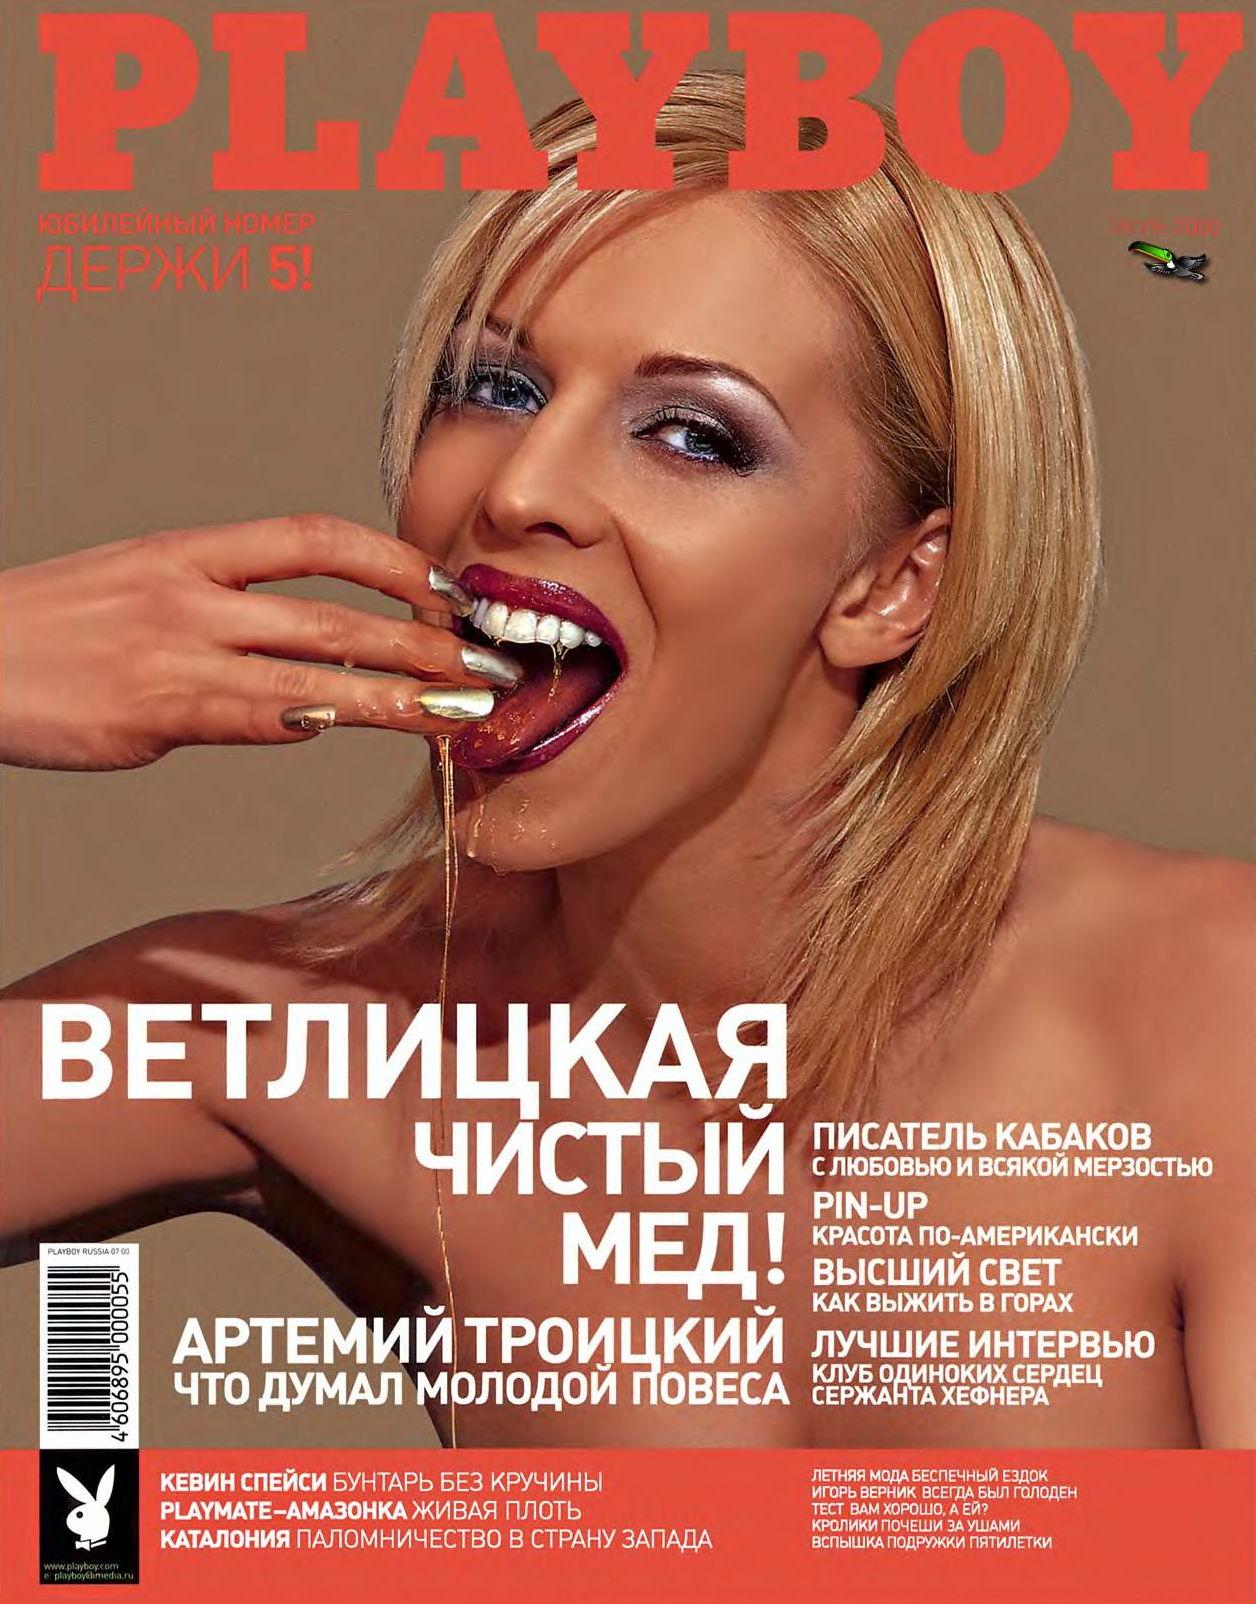 Наталья Ветлицкая Обнаженная